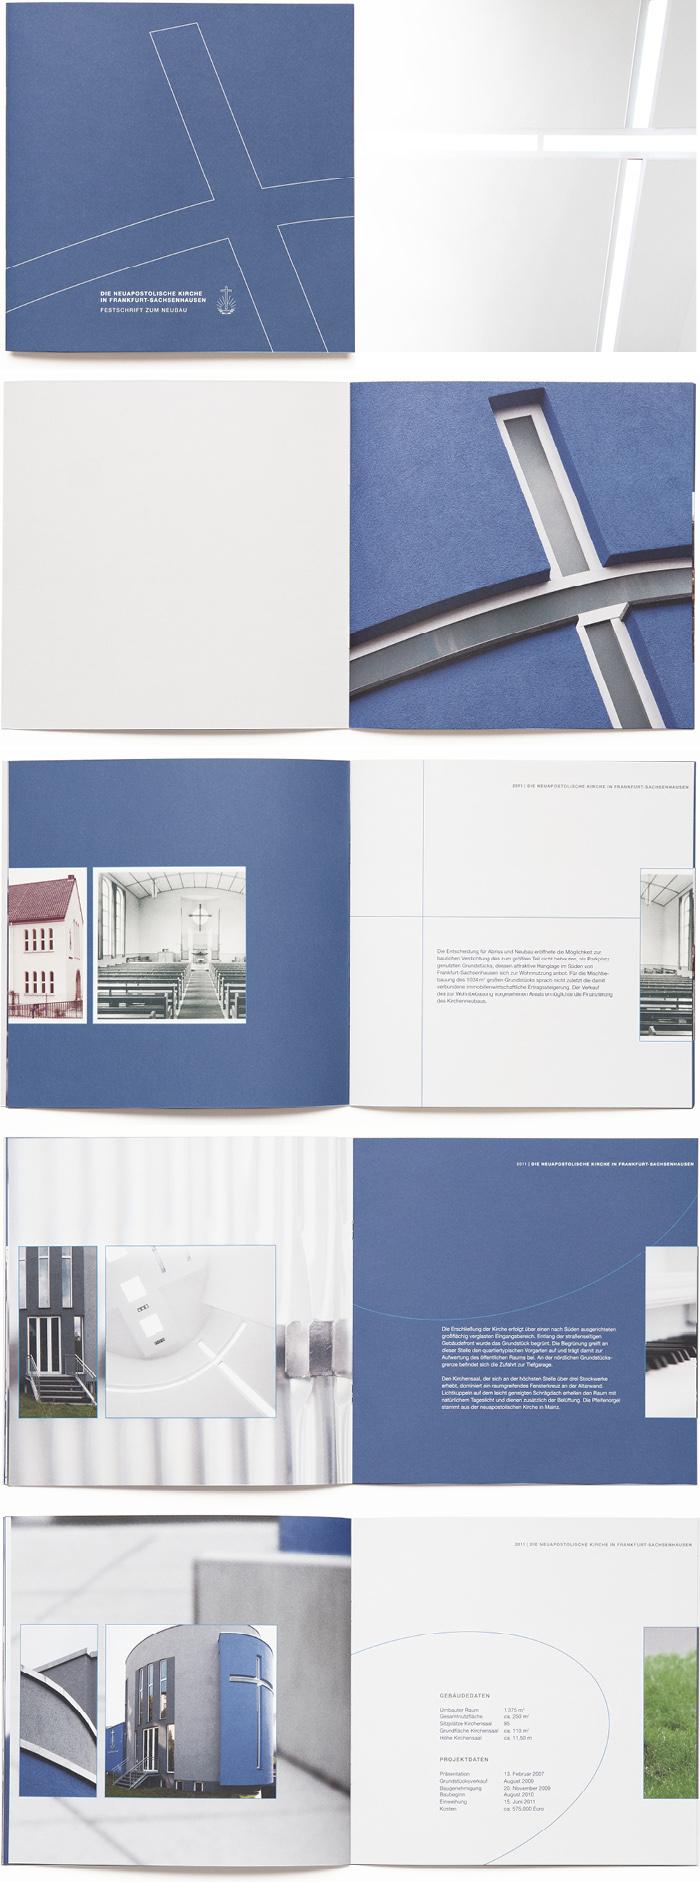 Bischoff Verlag Festschrift Broschürengestaltung